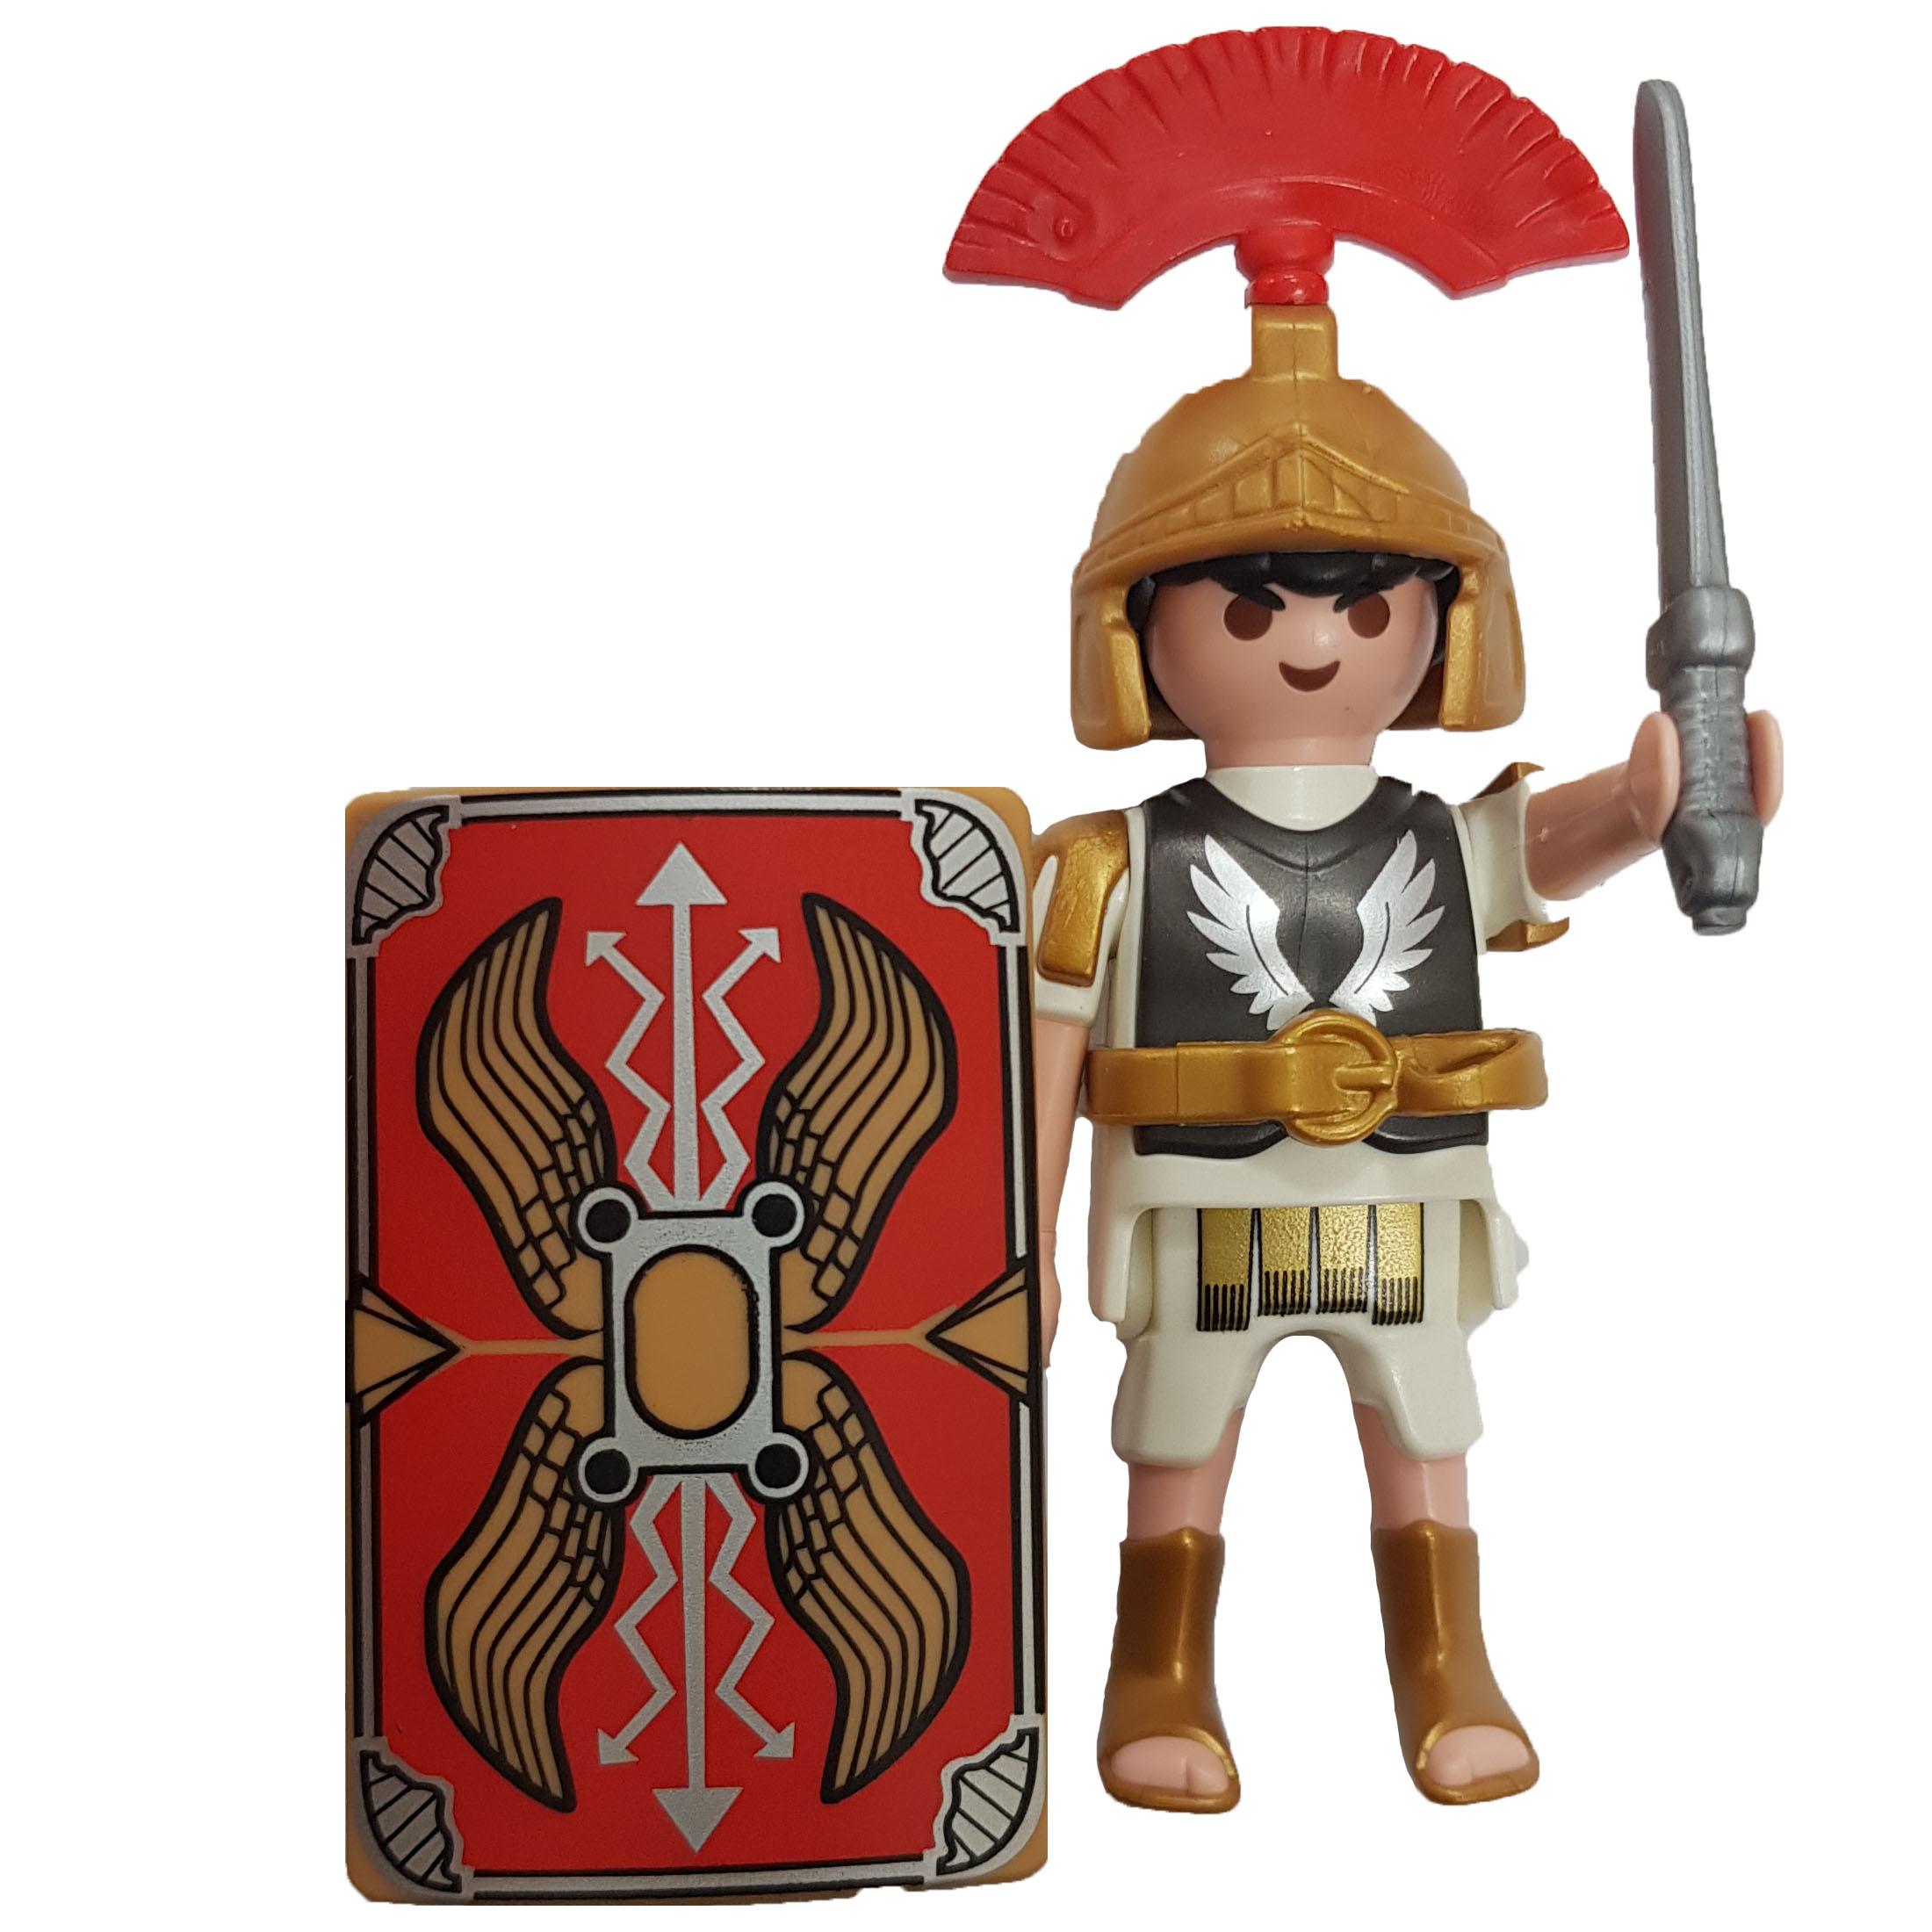 ساختنی پلی موبیل مدل شوالیه شمشیر زن